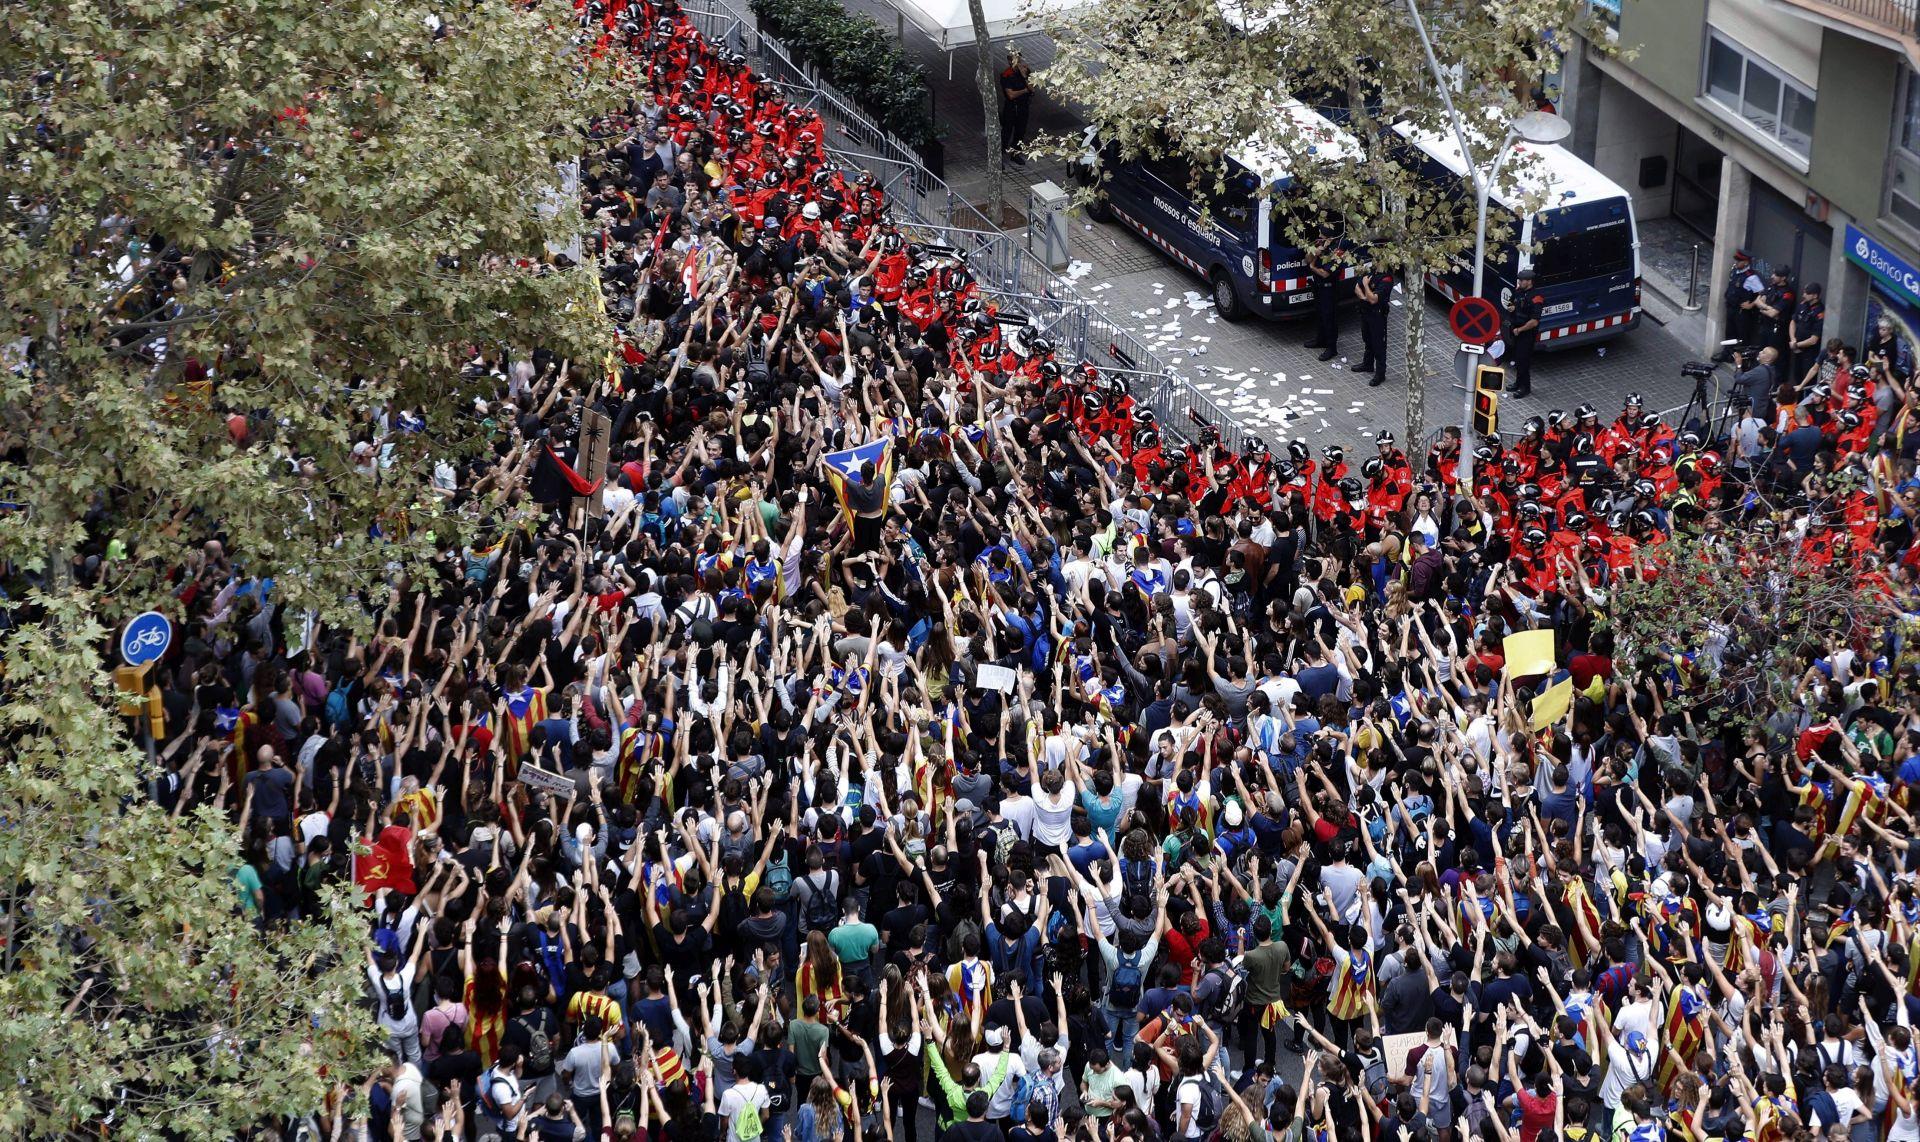 Katalonci prosvjeduju, španjolska vlada razmatra mjere za rješenje krize